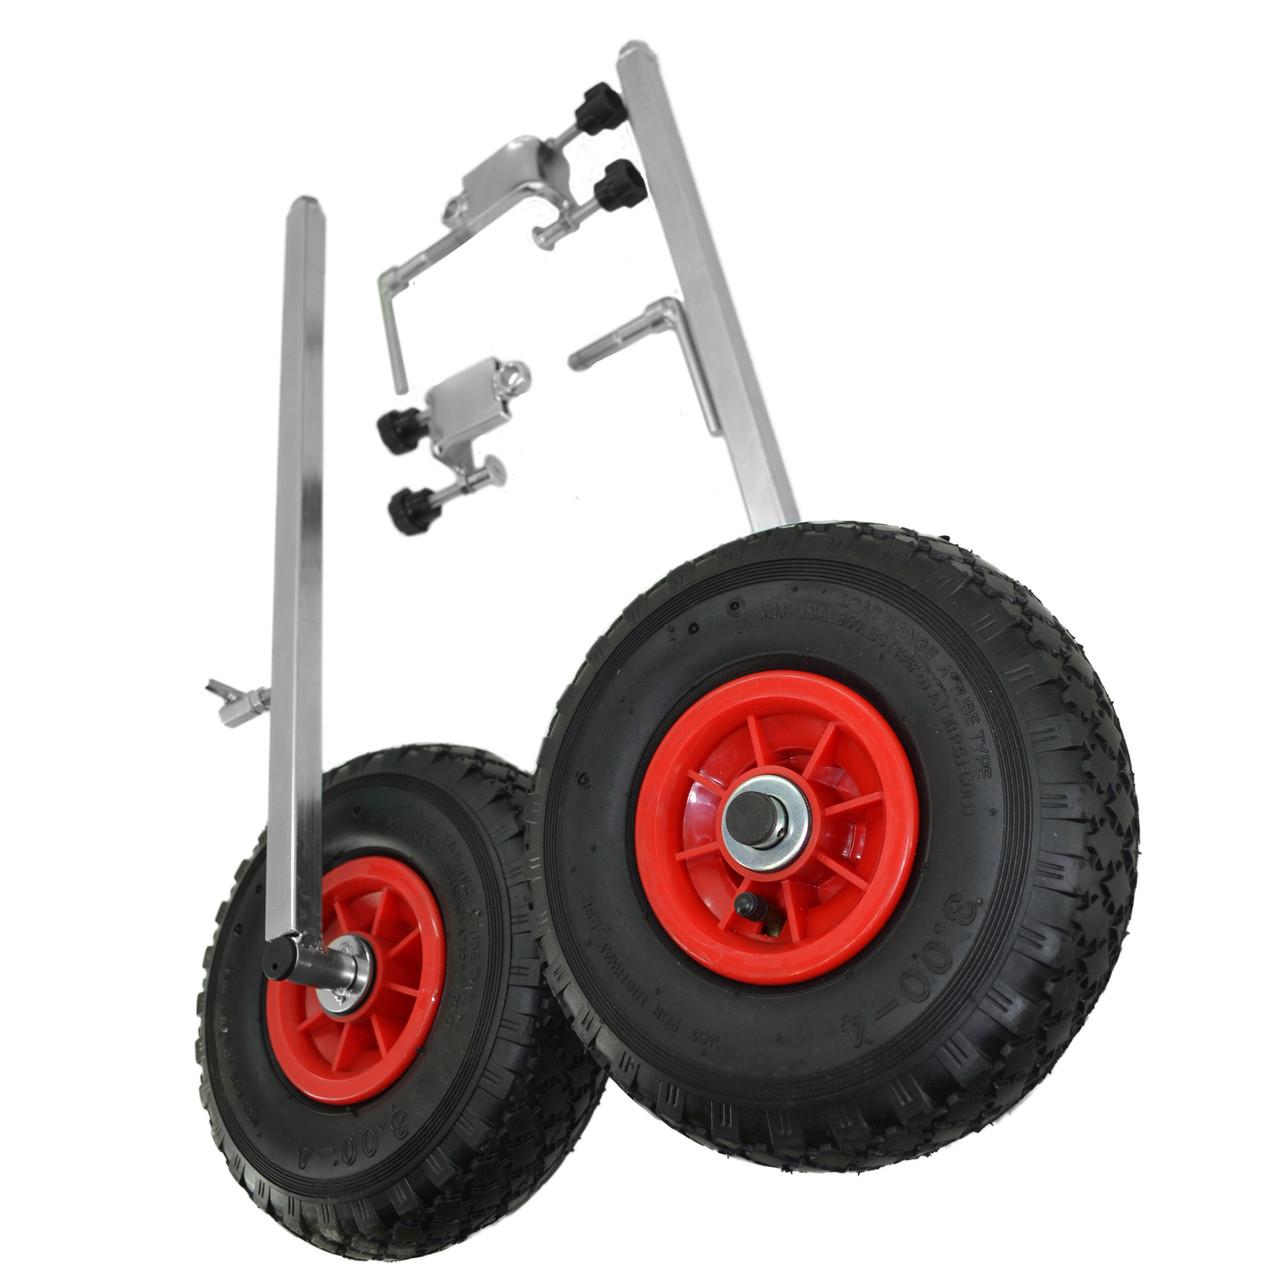 Транцевые колеса на струбцинах КТ500 str(260) для лодок из ПВХ